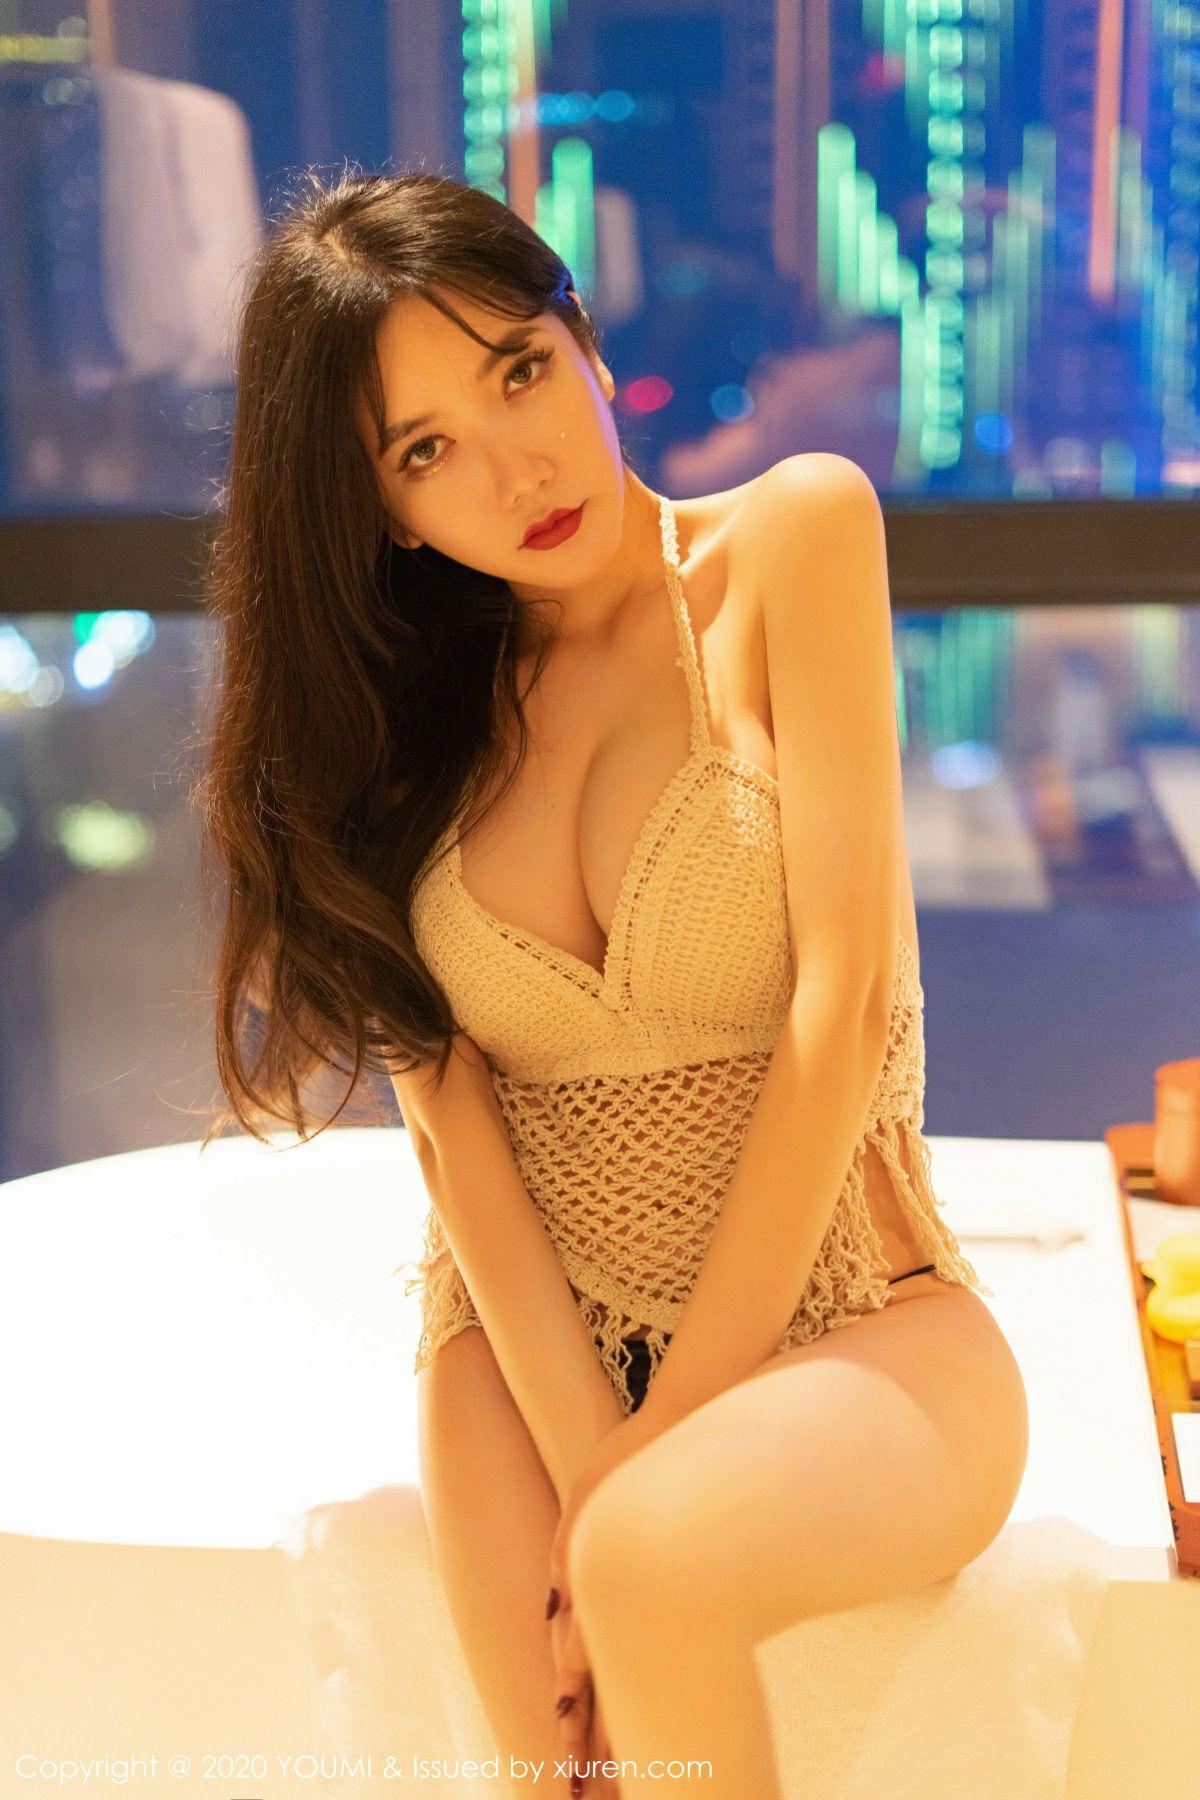 [YOUMI尤蜜荟]2020.02.26 VOL.423 心妍小公主[41P] 尤蜜荟 第3张